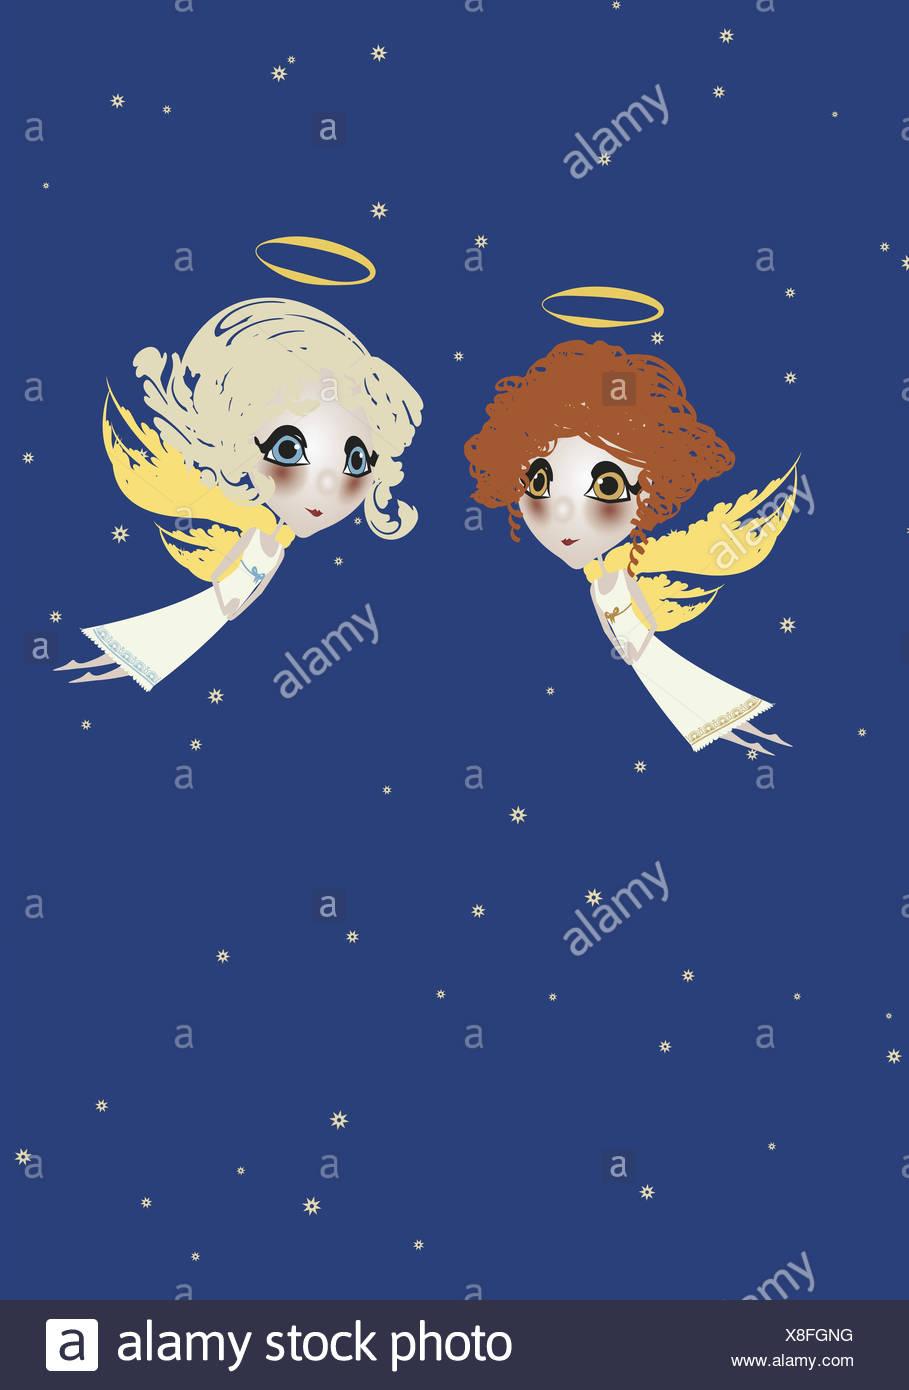 La Ilustración El Cielo El ángel Dos Rubio Pelirrojo Gráficos